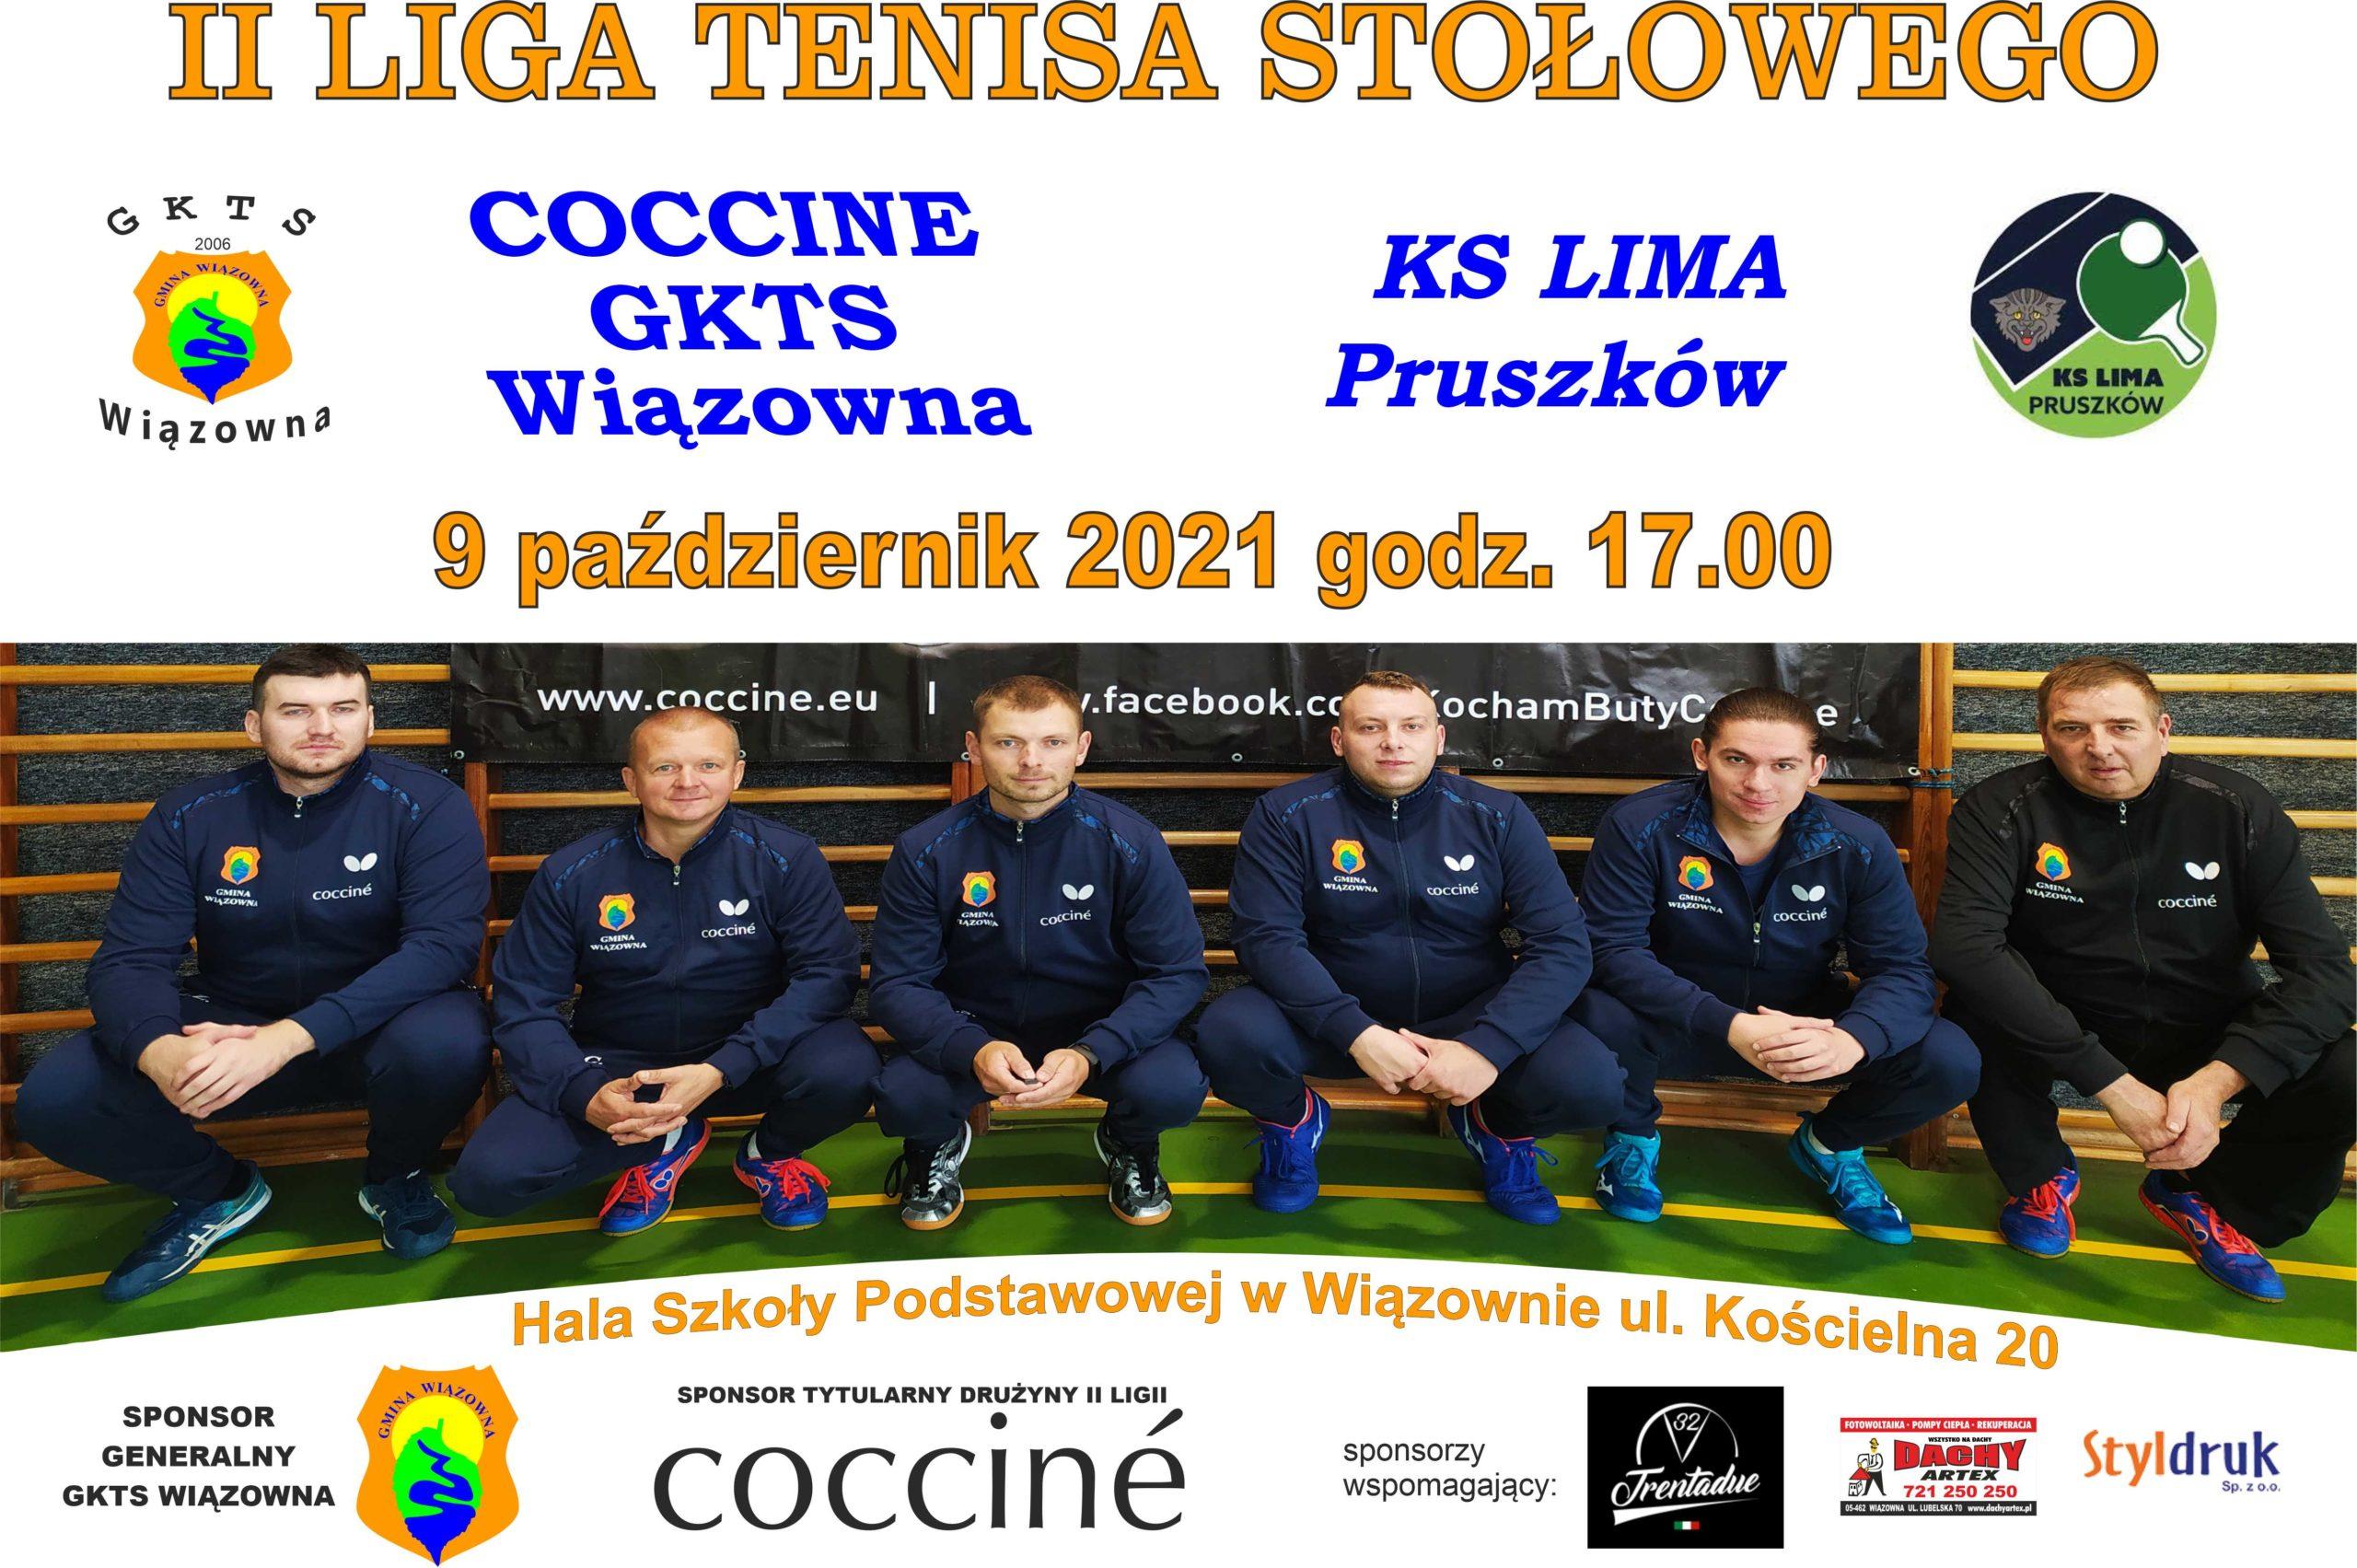 Mecz II ligi mężczyzn w tenisie stołowym pomiędzy: COCCINÈ GKTS WIĄZOWNA- KS LIMA PRUSZKÓW odbędzie się w najbliższą sobotę 9 października o godz. 17.00 w hali Szkoły Podstawowej w Wiązownie (ul. Kościelna 20).